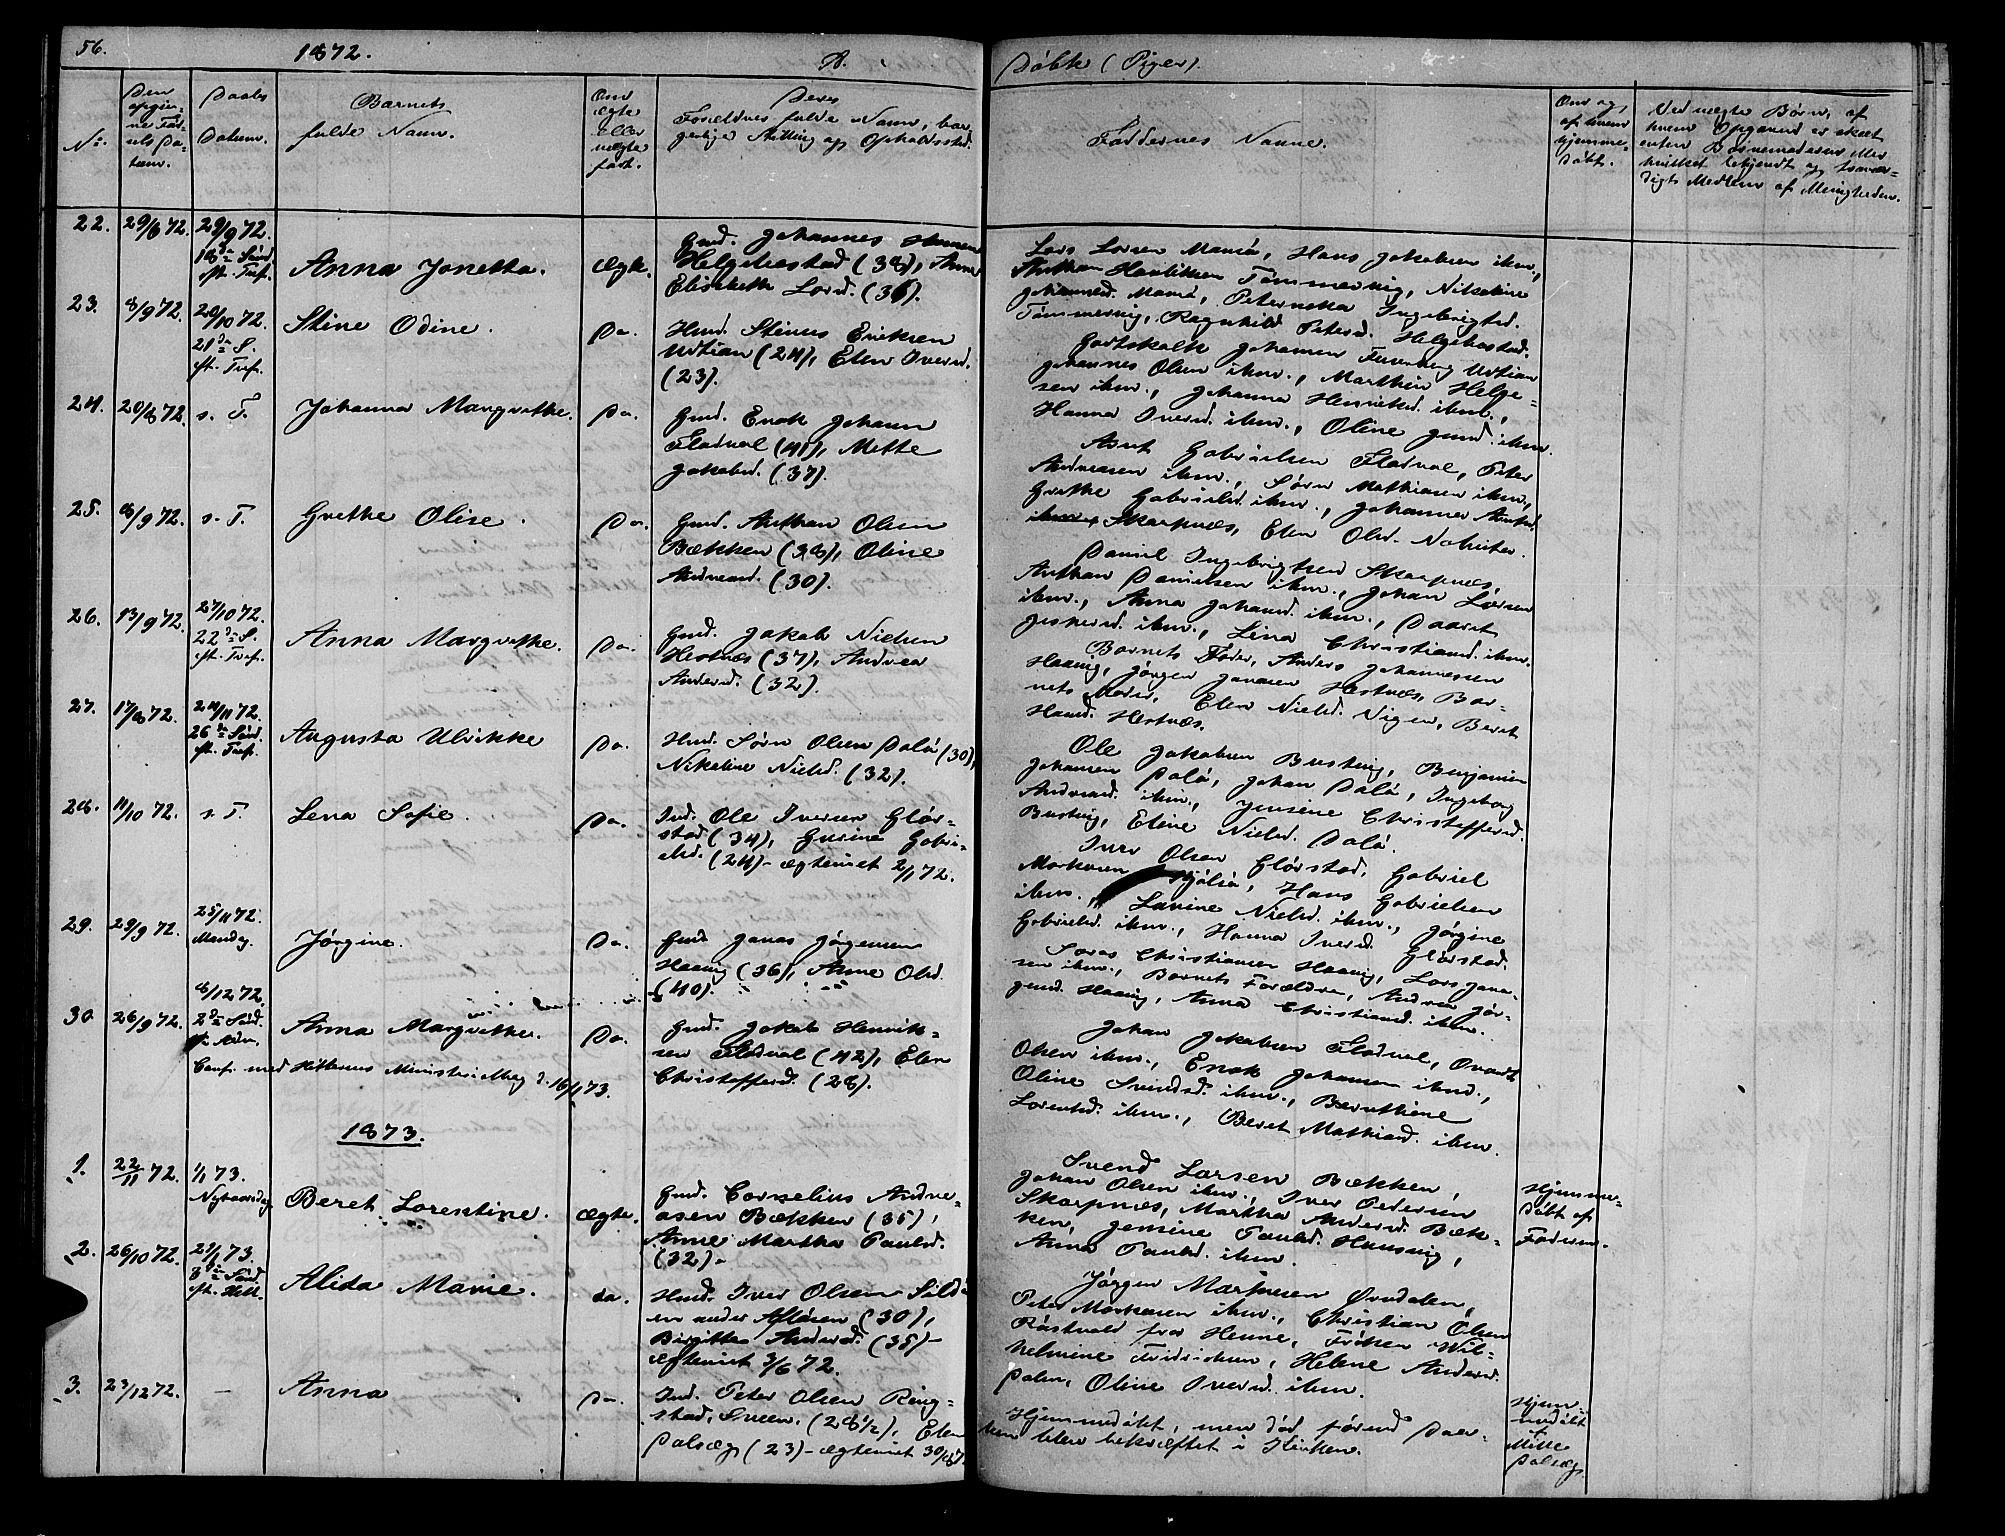 SAT, Ministerialprotokoller, klokkerbøker og fødselsregistre - Sør-Trøndelag, 634/L0539: Klokkerbok nr. 634C01, 1866-1873, s. 56